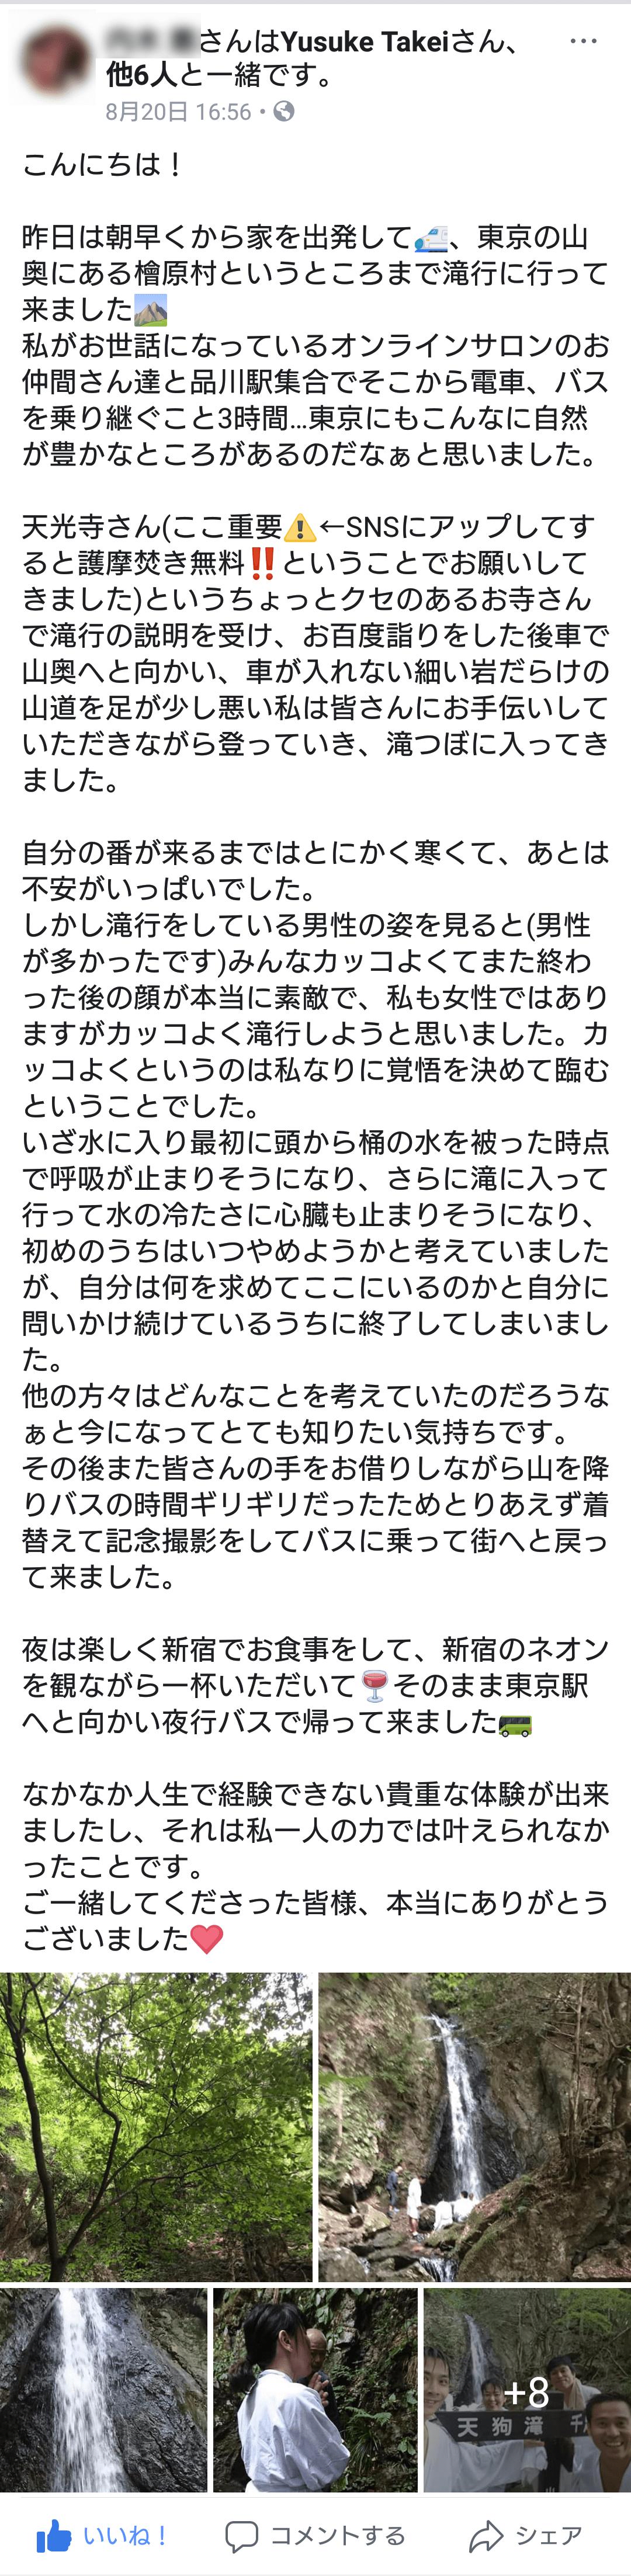 N木さんの滝行体験談